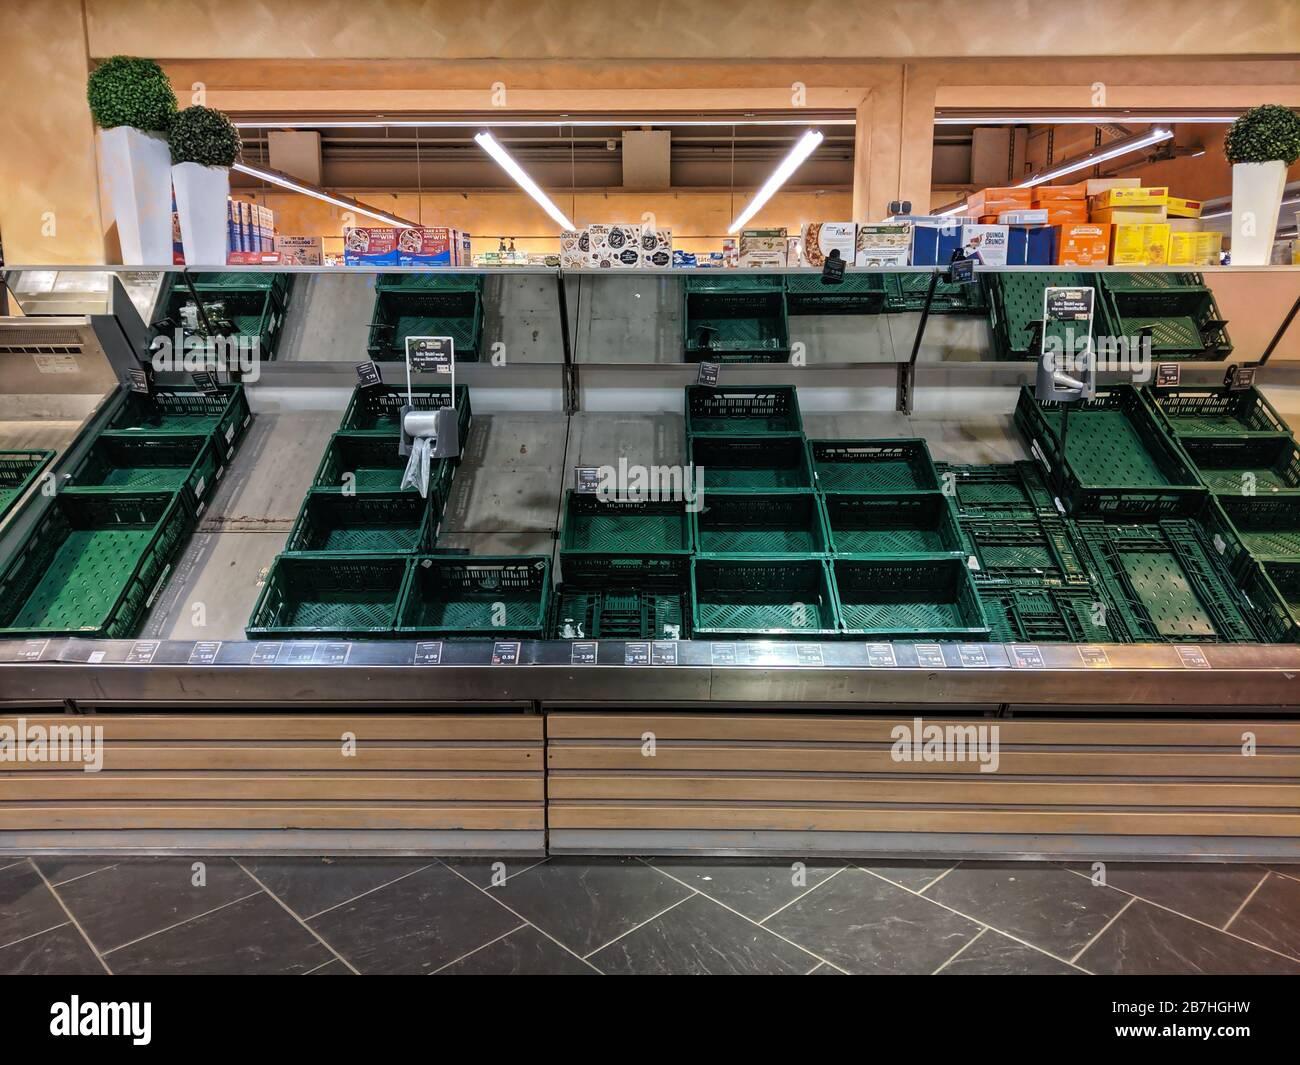 Munich, Bavière, Allemagne. 14 mars 2020. Un exemple des étagères vides de légumes vues dans les supermarchés en Allemagne, où les hoarders (Hamsterkäufer en allemand) ont été des achats de panique en raison de la propagation de Covid-19. Les critiques affirment que l'Allemagne n'a pas de problèmes d'approvisionnement, mais que les hoarders manquent de solidarité et achètent toutes les denrées alimentaires et les fournitures domestiques, limitant l'accès pour les acheteurs normaux et créant des pénuries artificielles. Crédit: Sachelle Babbar/ZUMA Wire/Alay Live News Banque D'Images